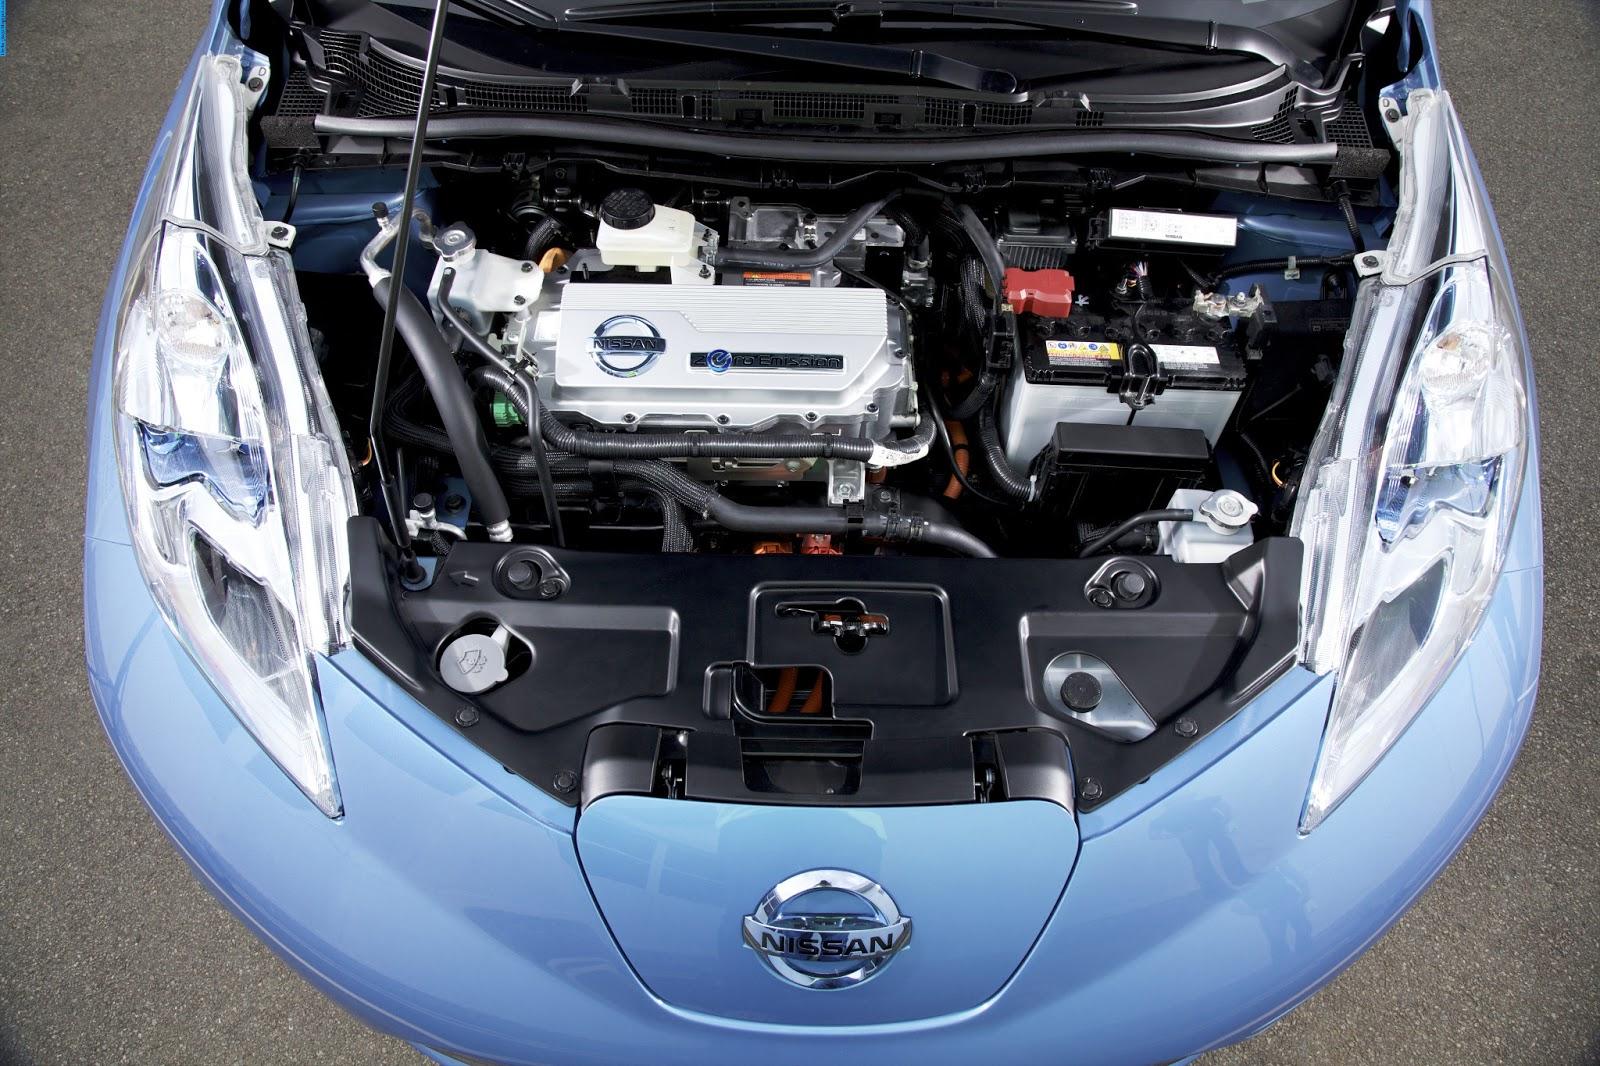 Nissan leaf car 2011 engine - صور محرك سيارة نيسان ليف 2011